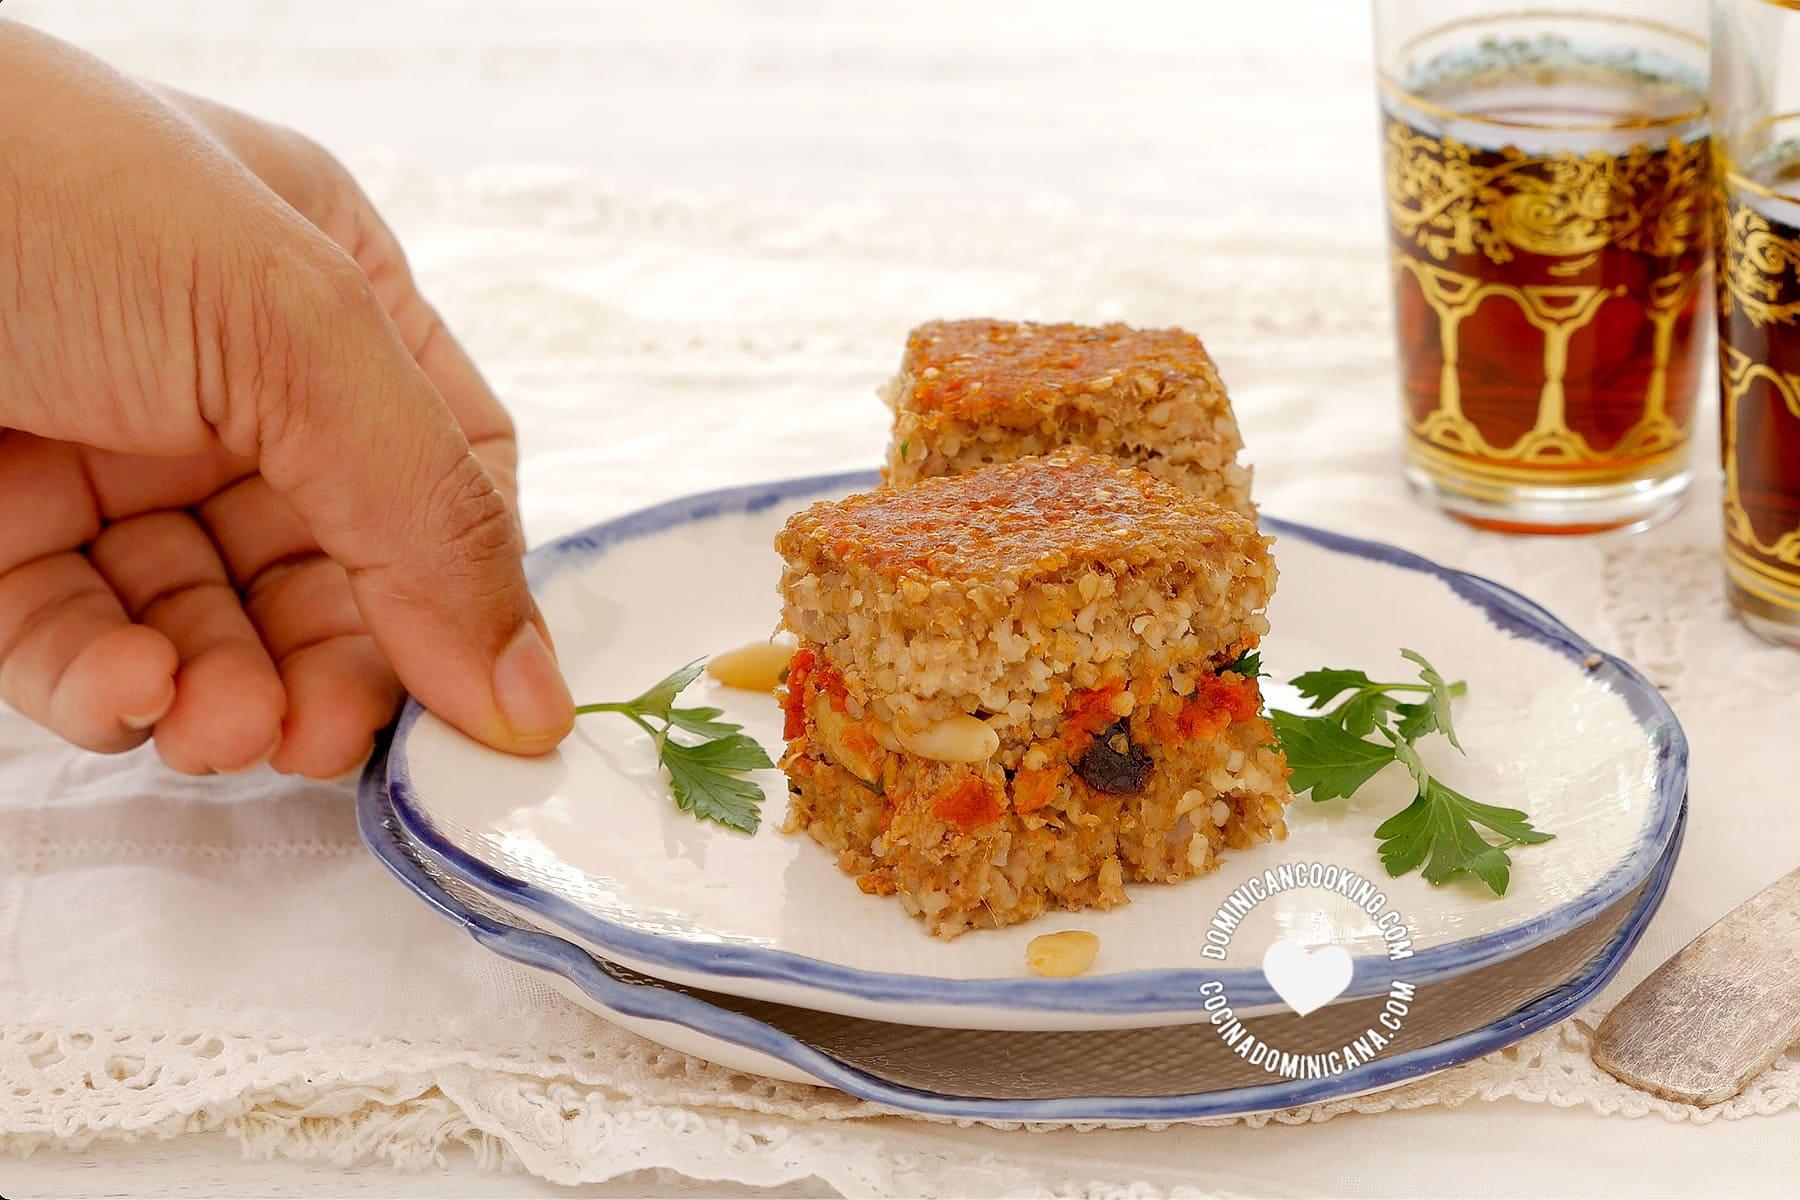 Serving baked kipe (kibbeh)